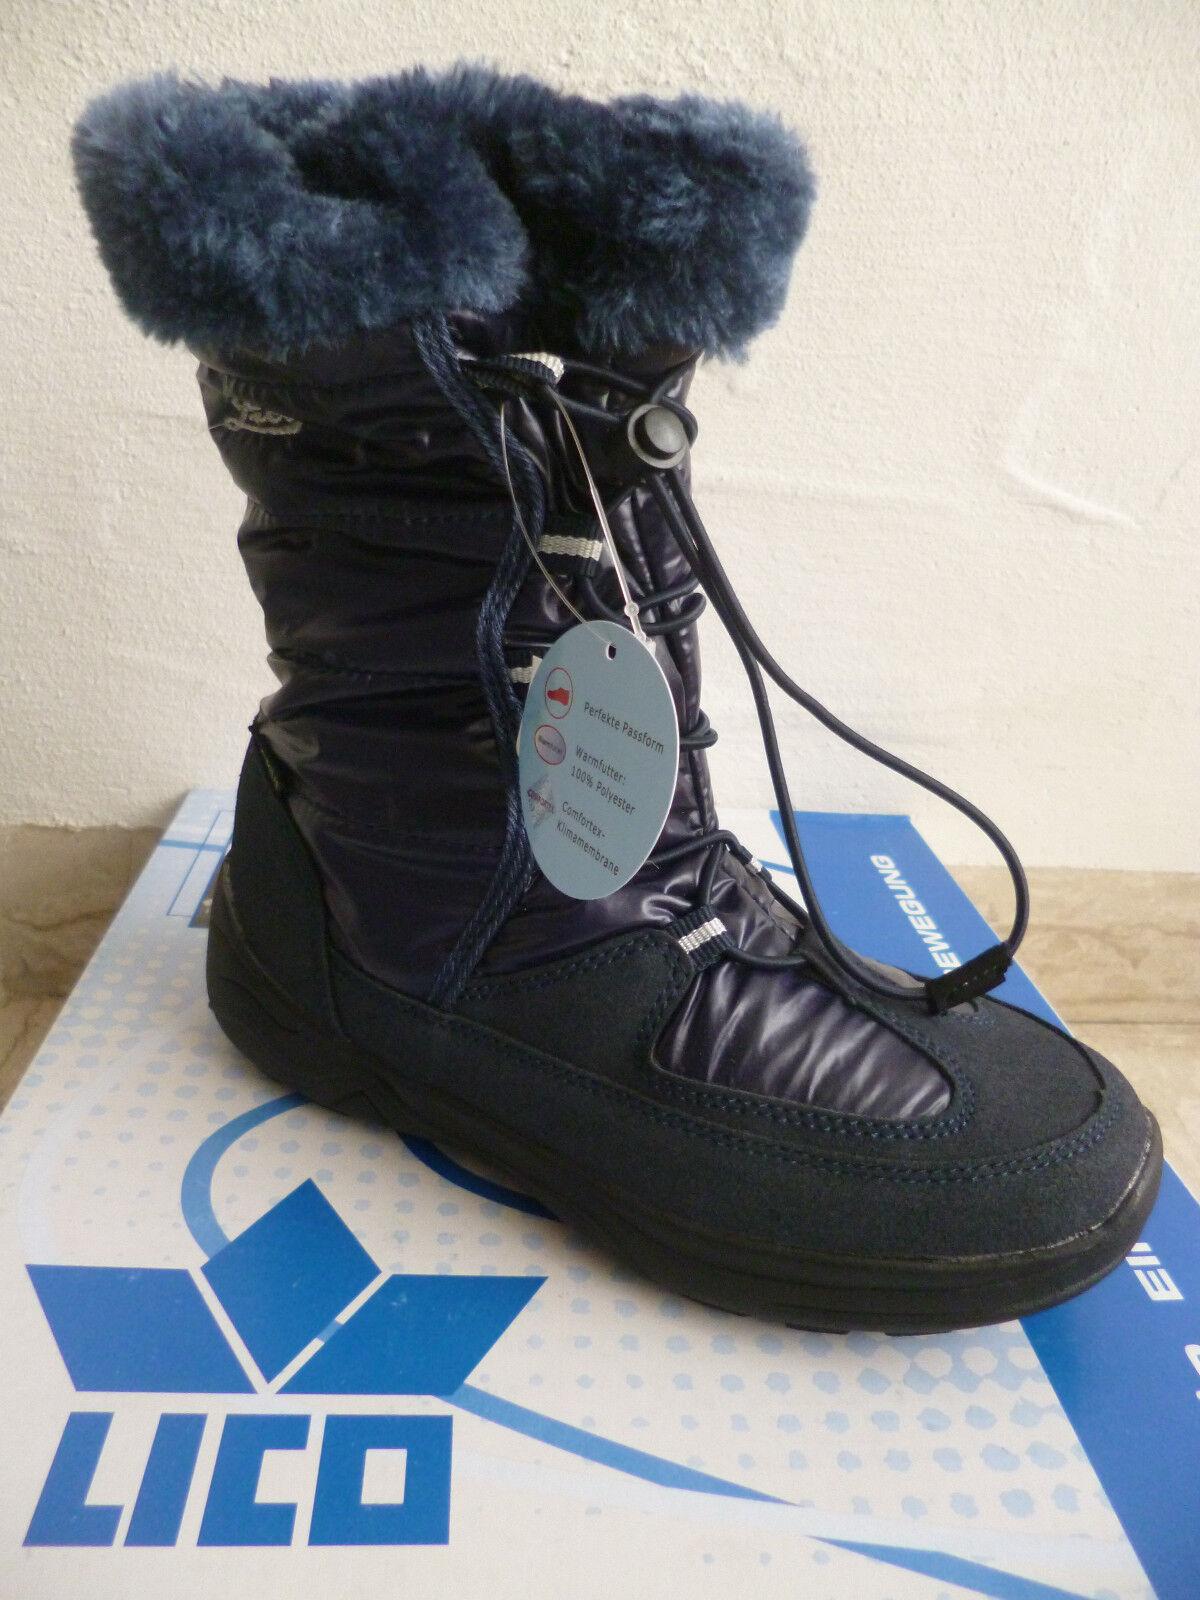 ziemlich cool heiß-verkaufender Fachmann hochwertige Materialien Lico Mädchen Stiefel Winterstiefel Boots blau wasserdicht NEU!!